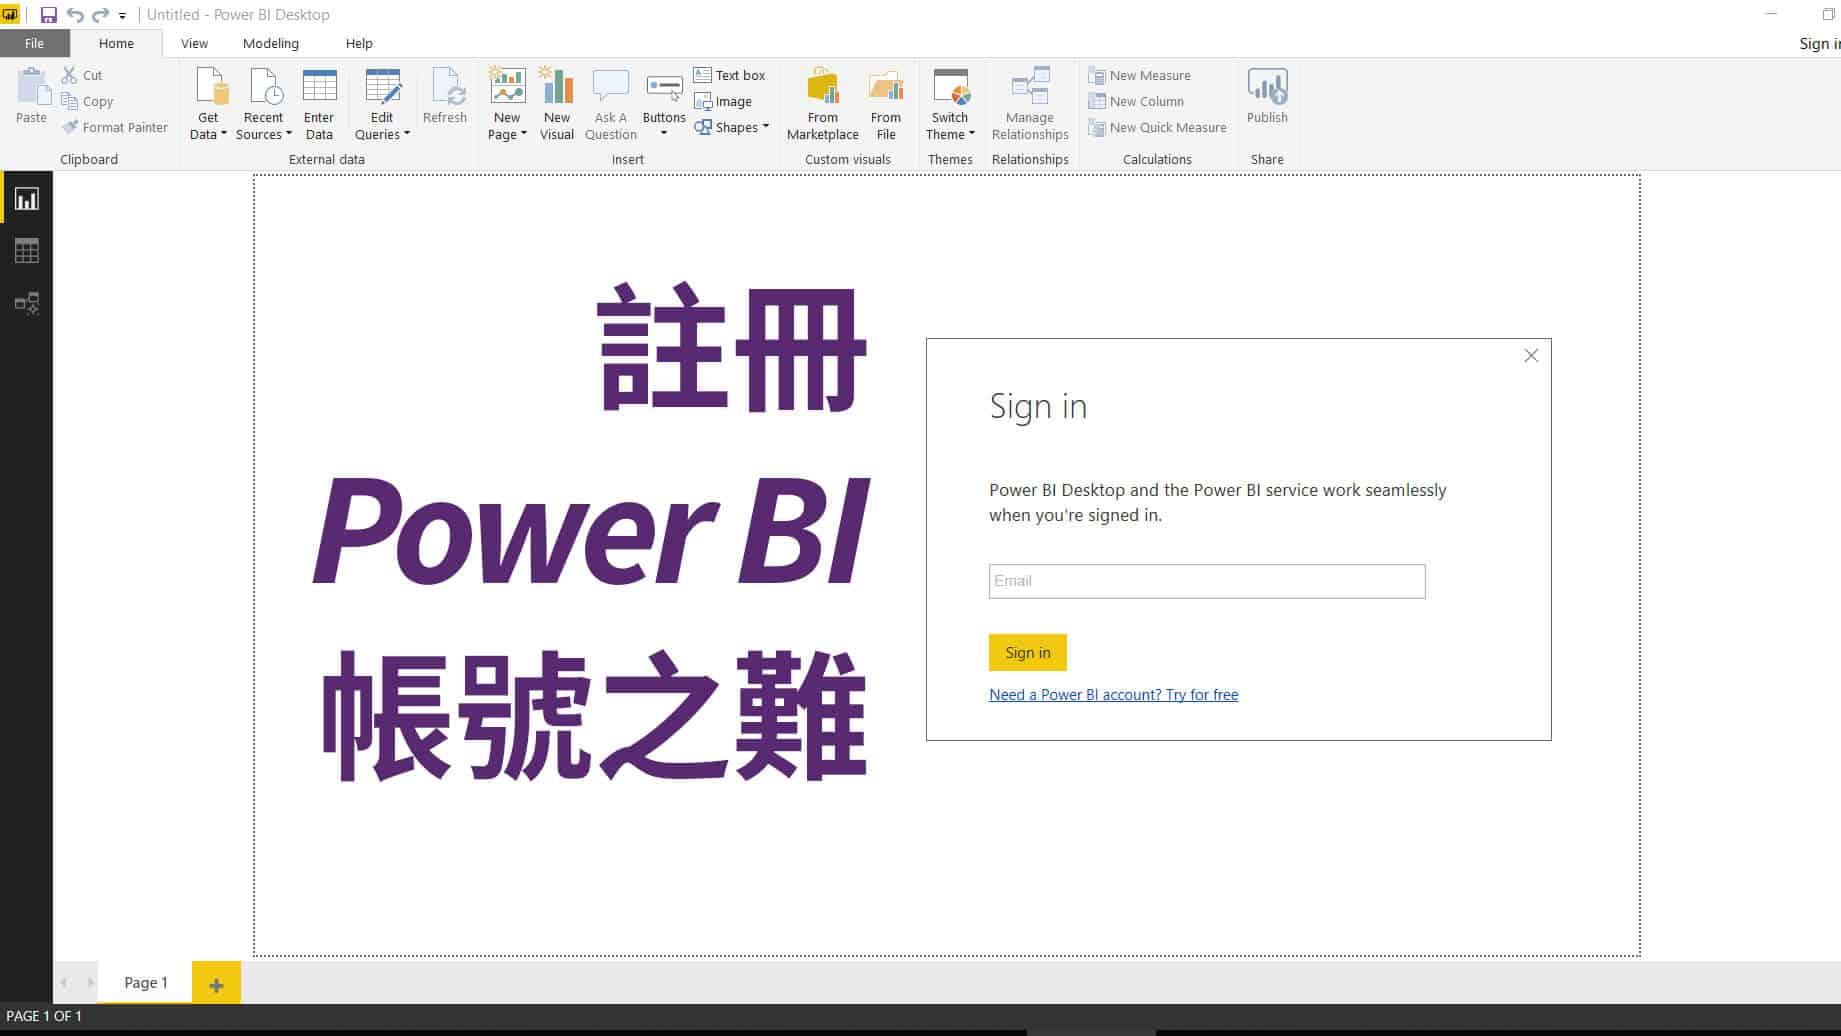 免費信箱不能註冊Power BI帳號?學習Power BI的第一道難關